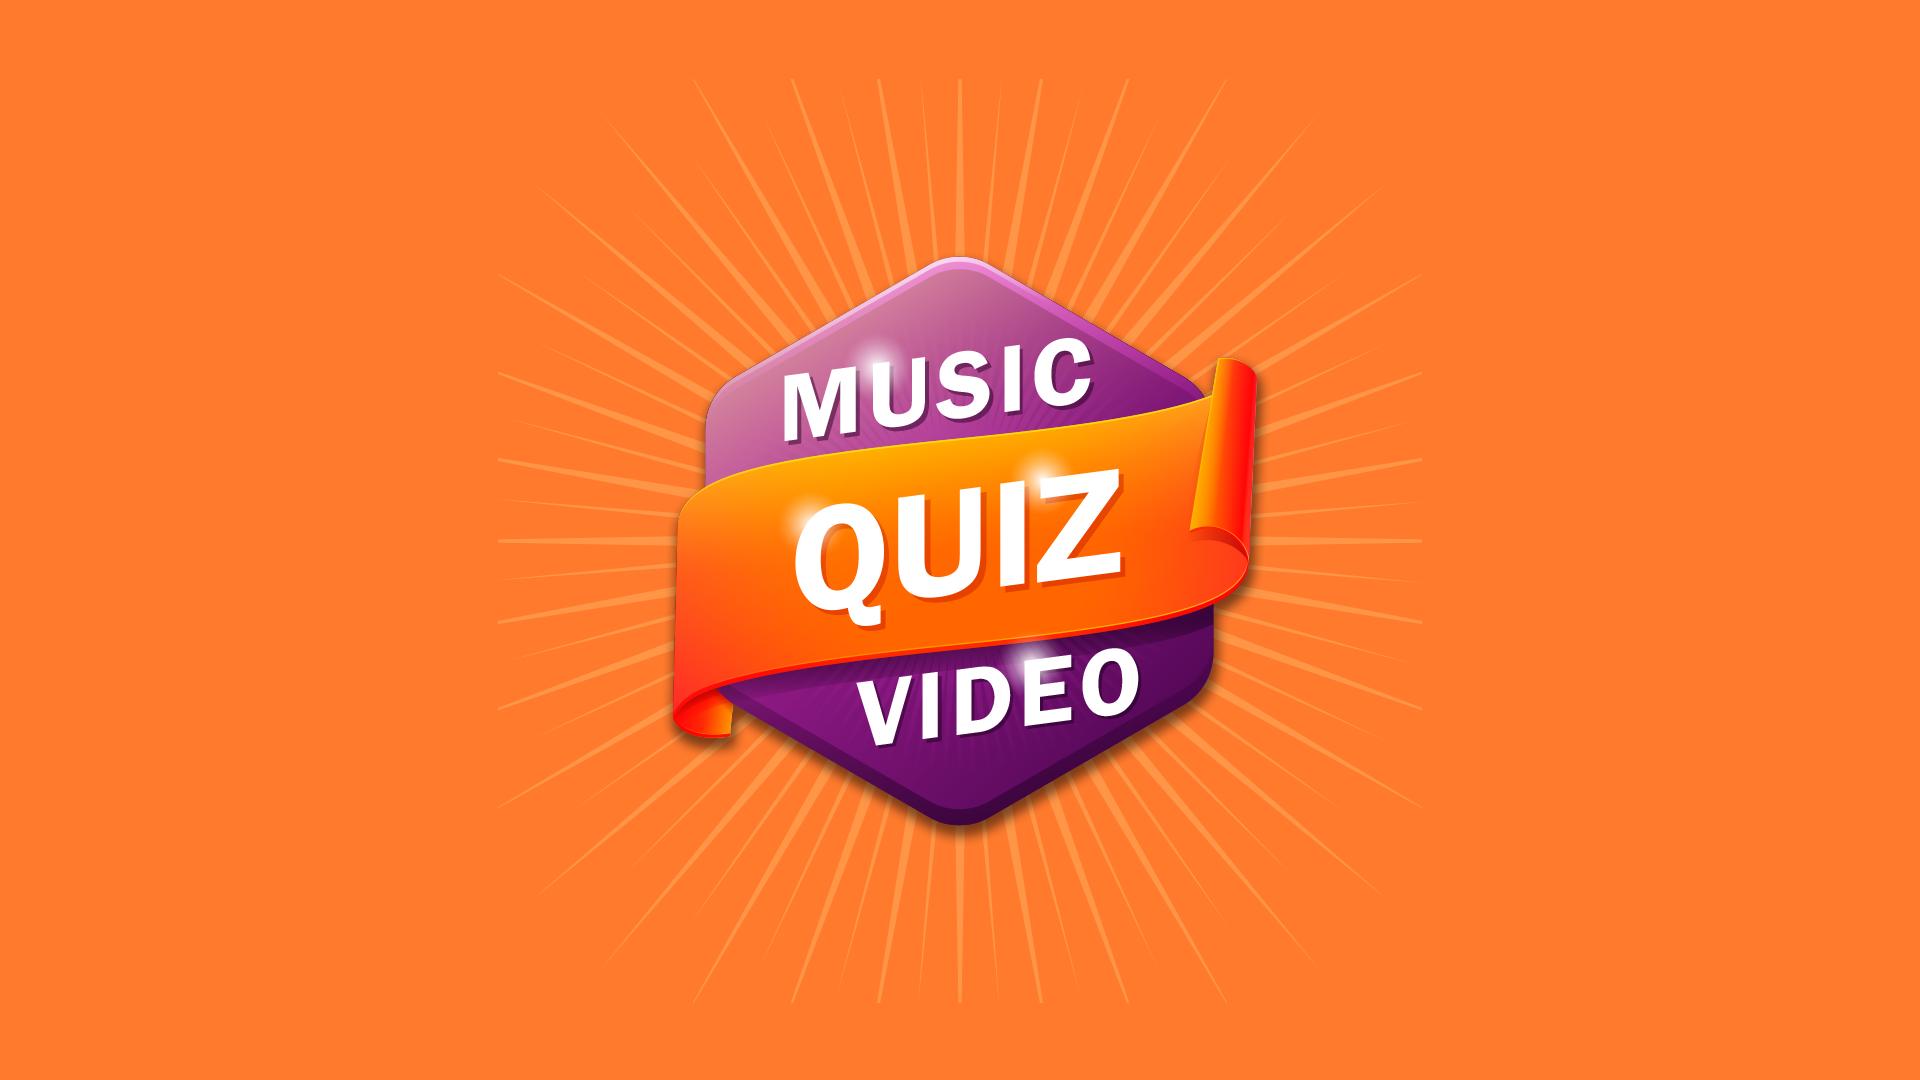 Music Video Quiz